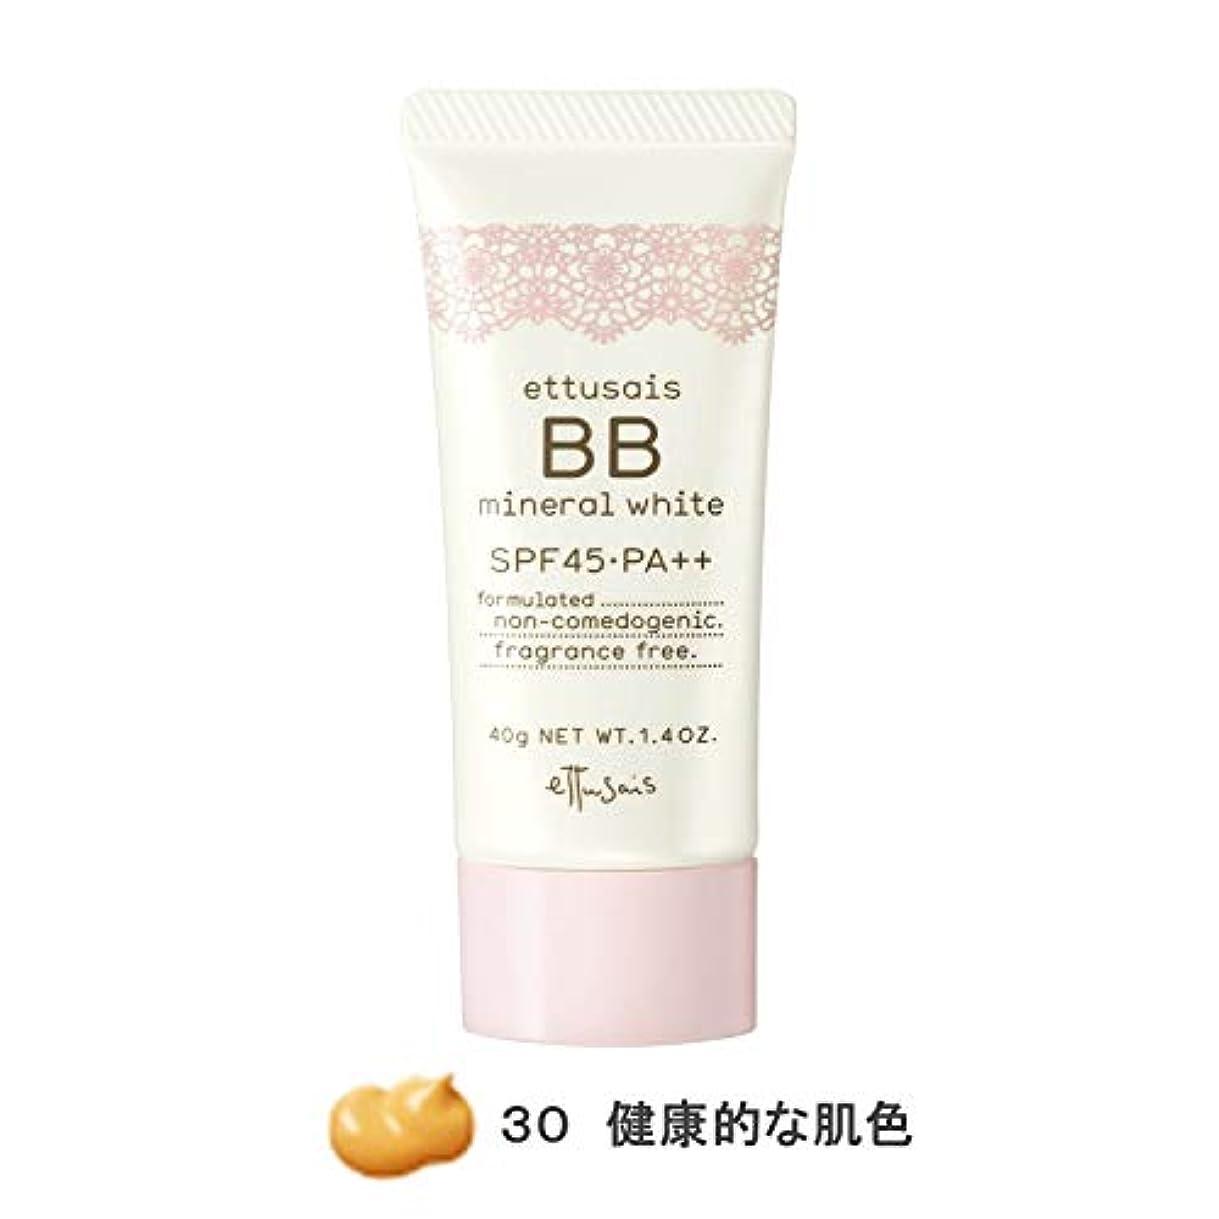 すべて感嘆符腸エテュセ BBミネラルホワイト 30(健康的な肌色) SPF45?PA++ 40g